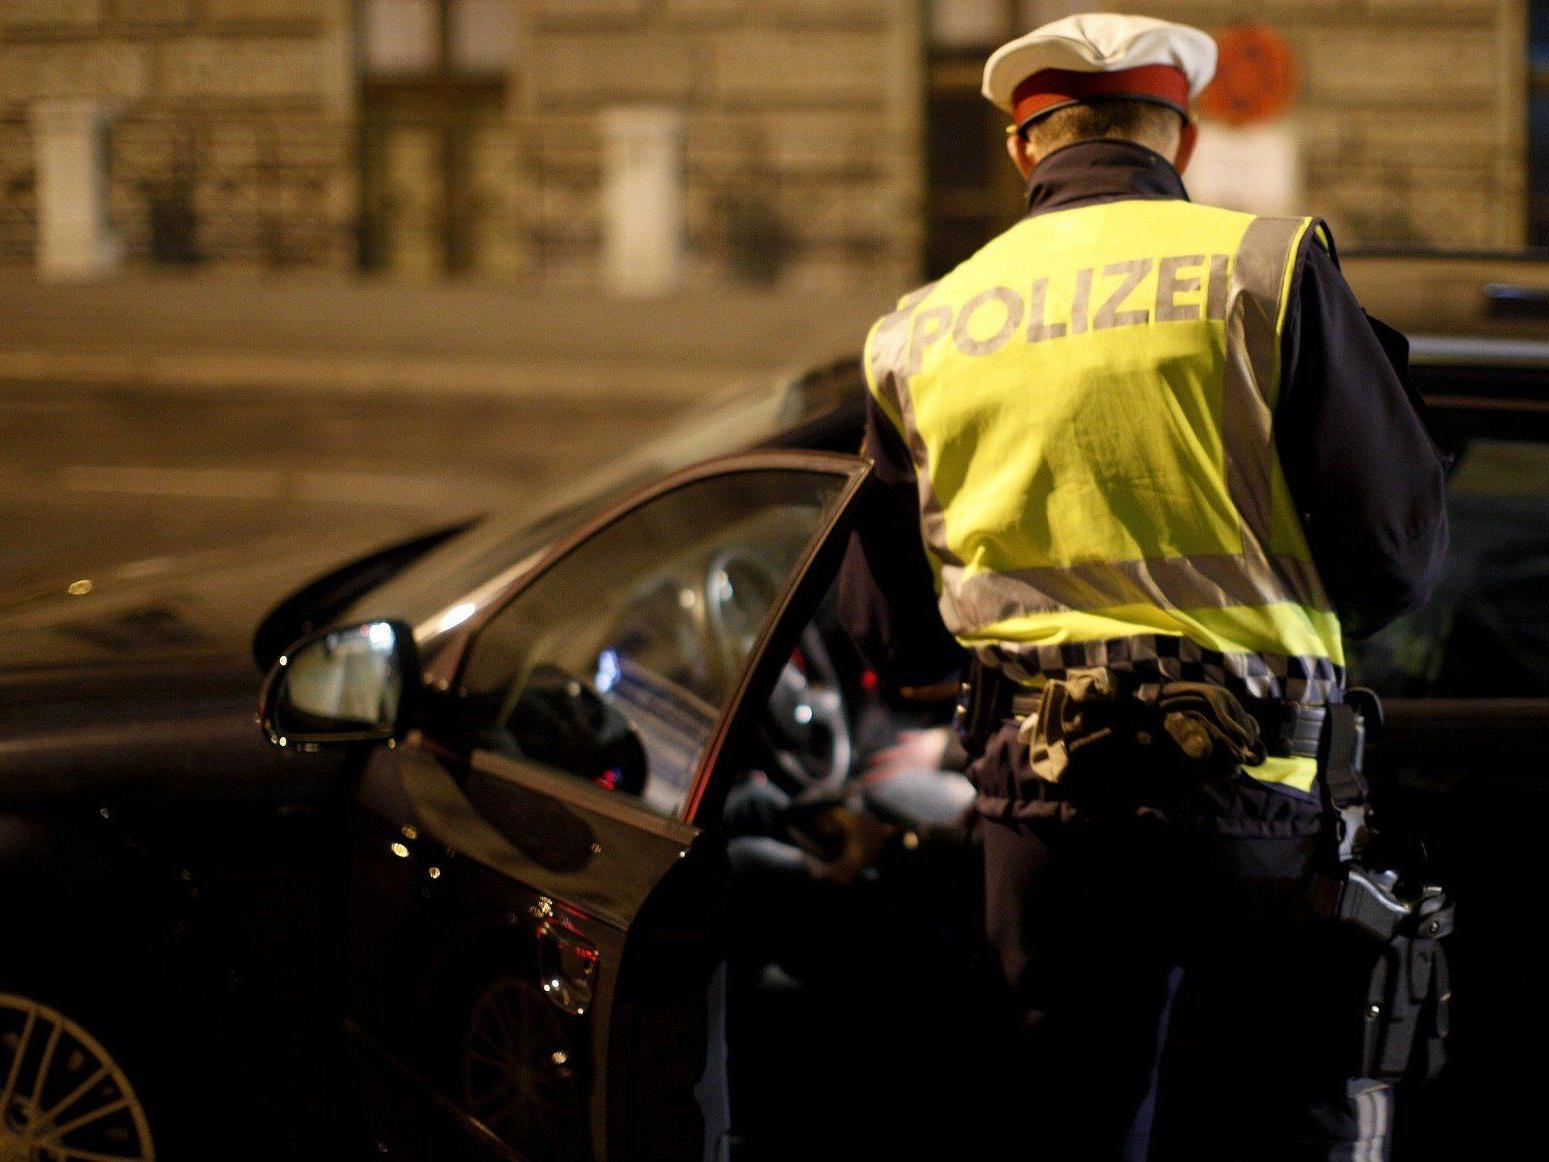 Alkotest verweigert und mehrere Knochenbrüche: Ein Wiener Polizist muss such vor dem UVS verantworten.